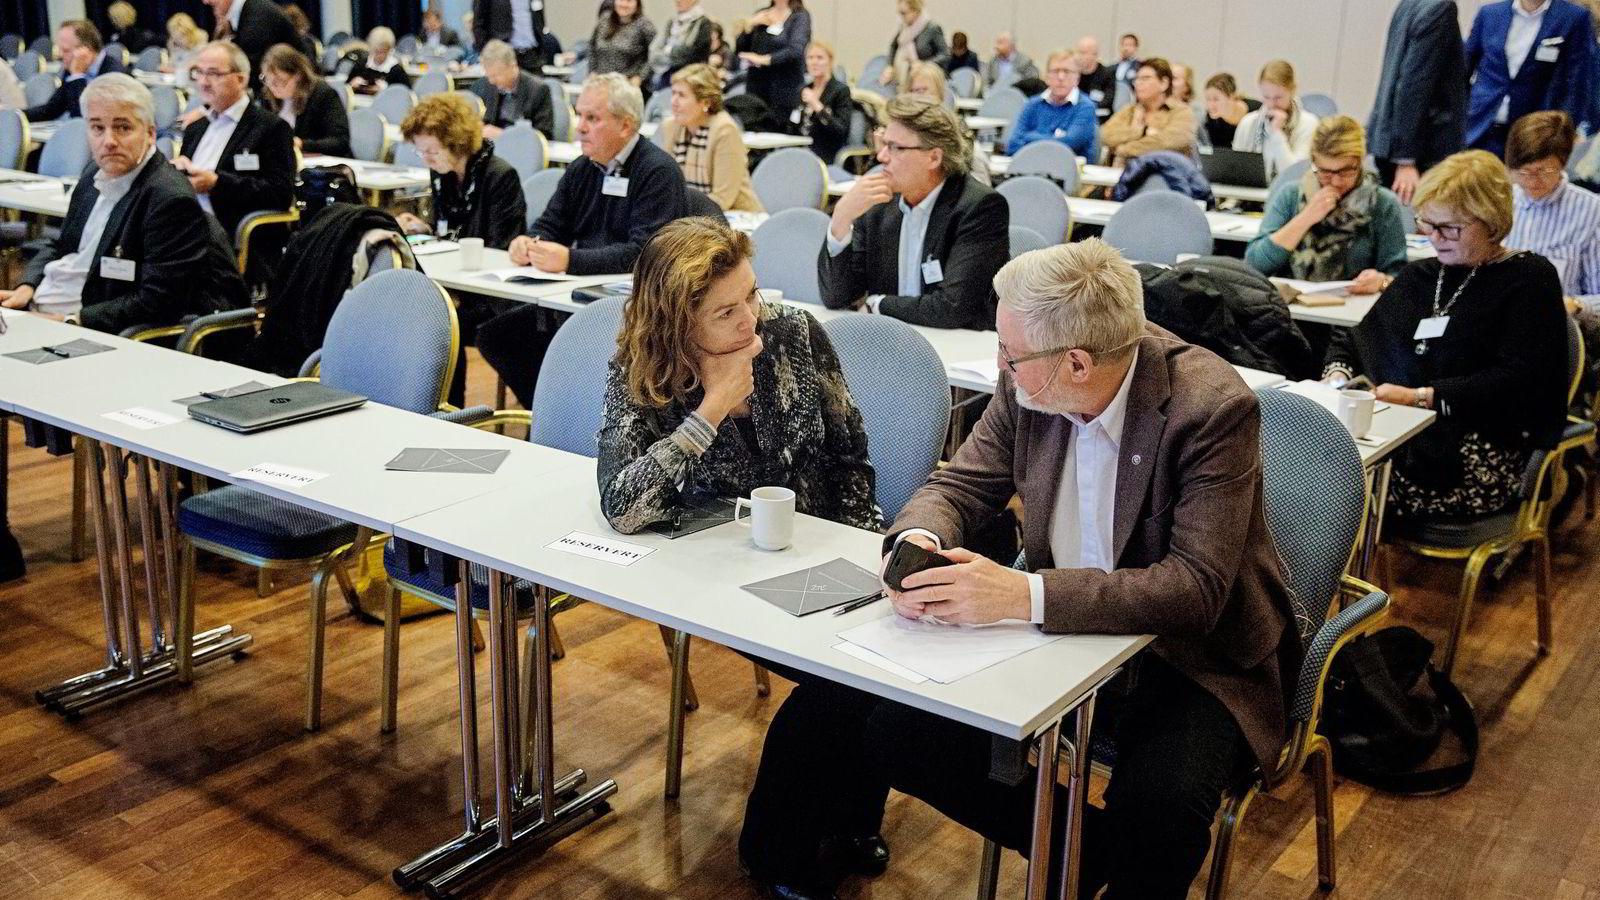 LOs nestleder Tor Arne Solbakken og NHO-leder Kristin Skogen Lund på NHOs pensjonskonferanse tirsdag. Alle foto: Fredrik Bjerknes